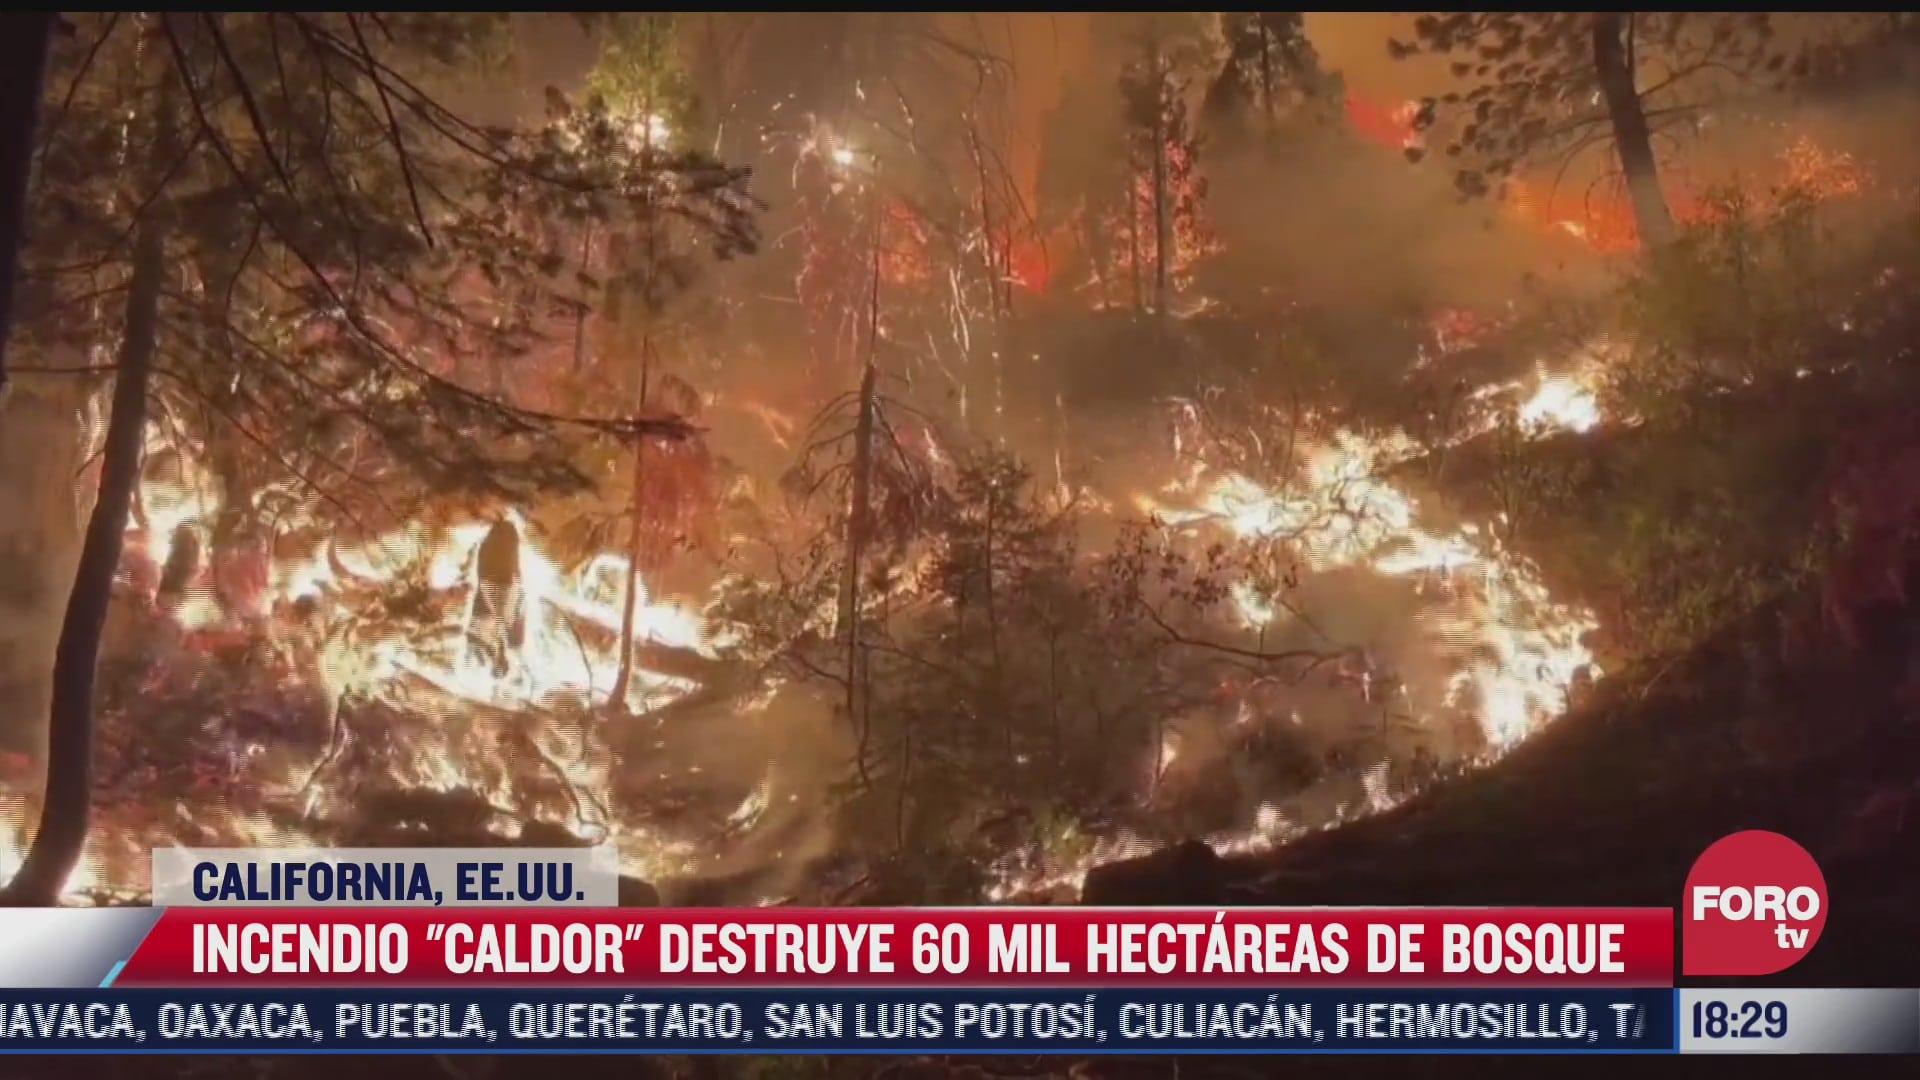 incendio caldor destruye 60 mil hectareas de bosque en eeuu